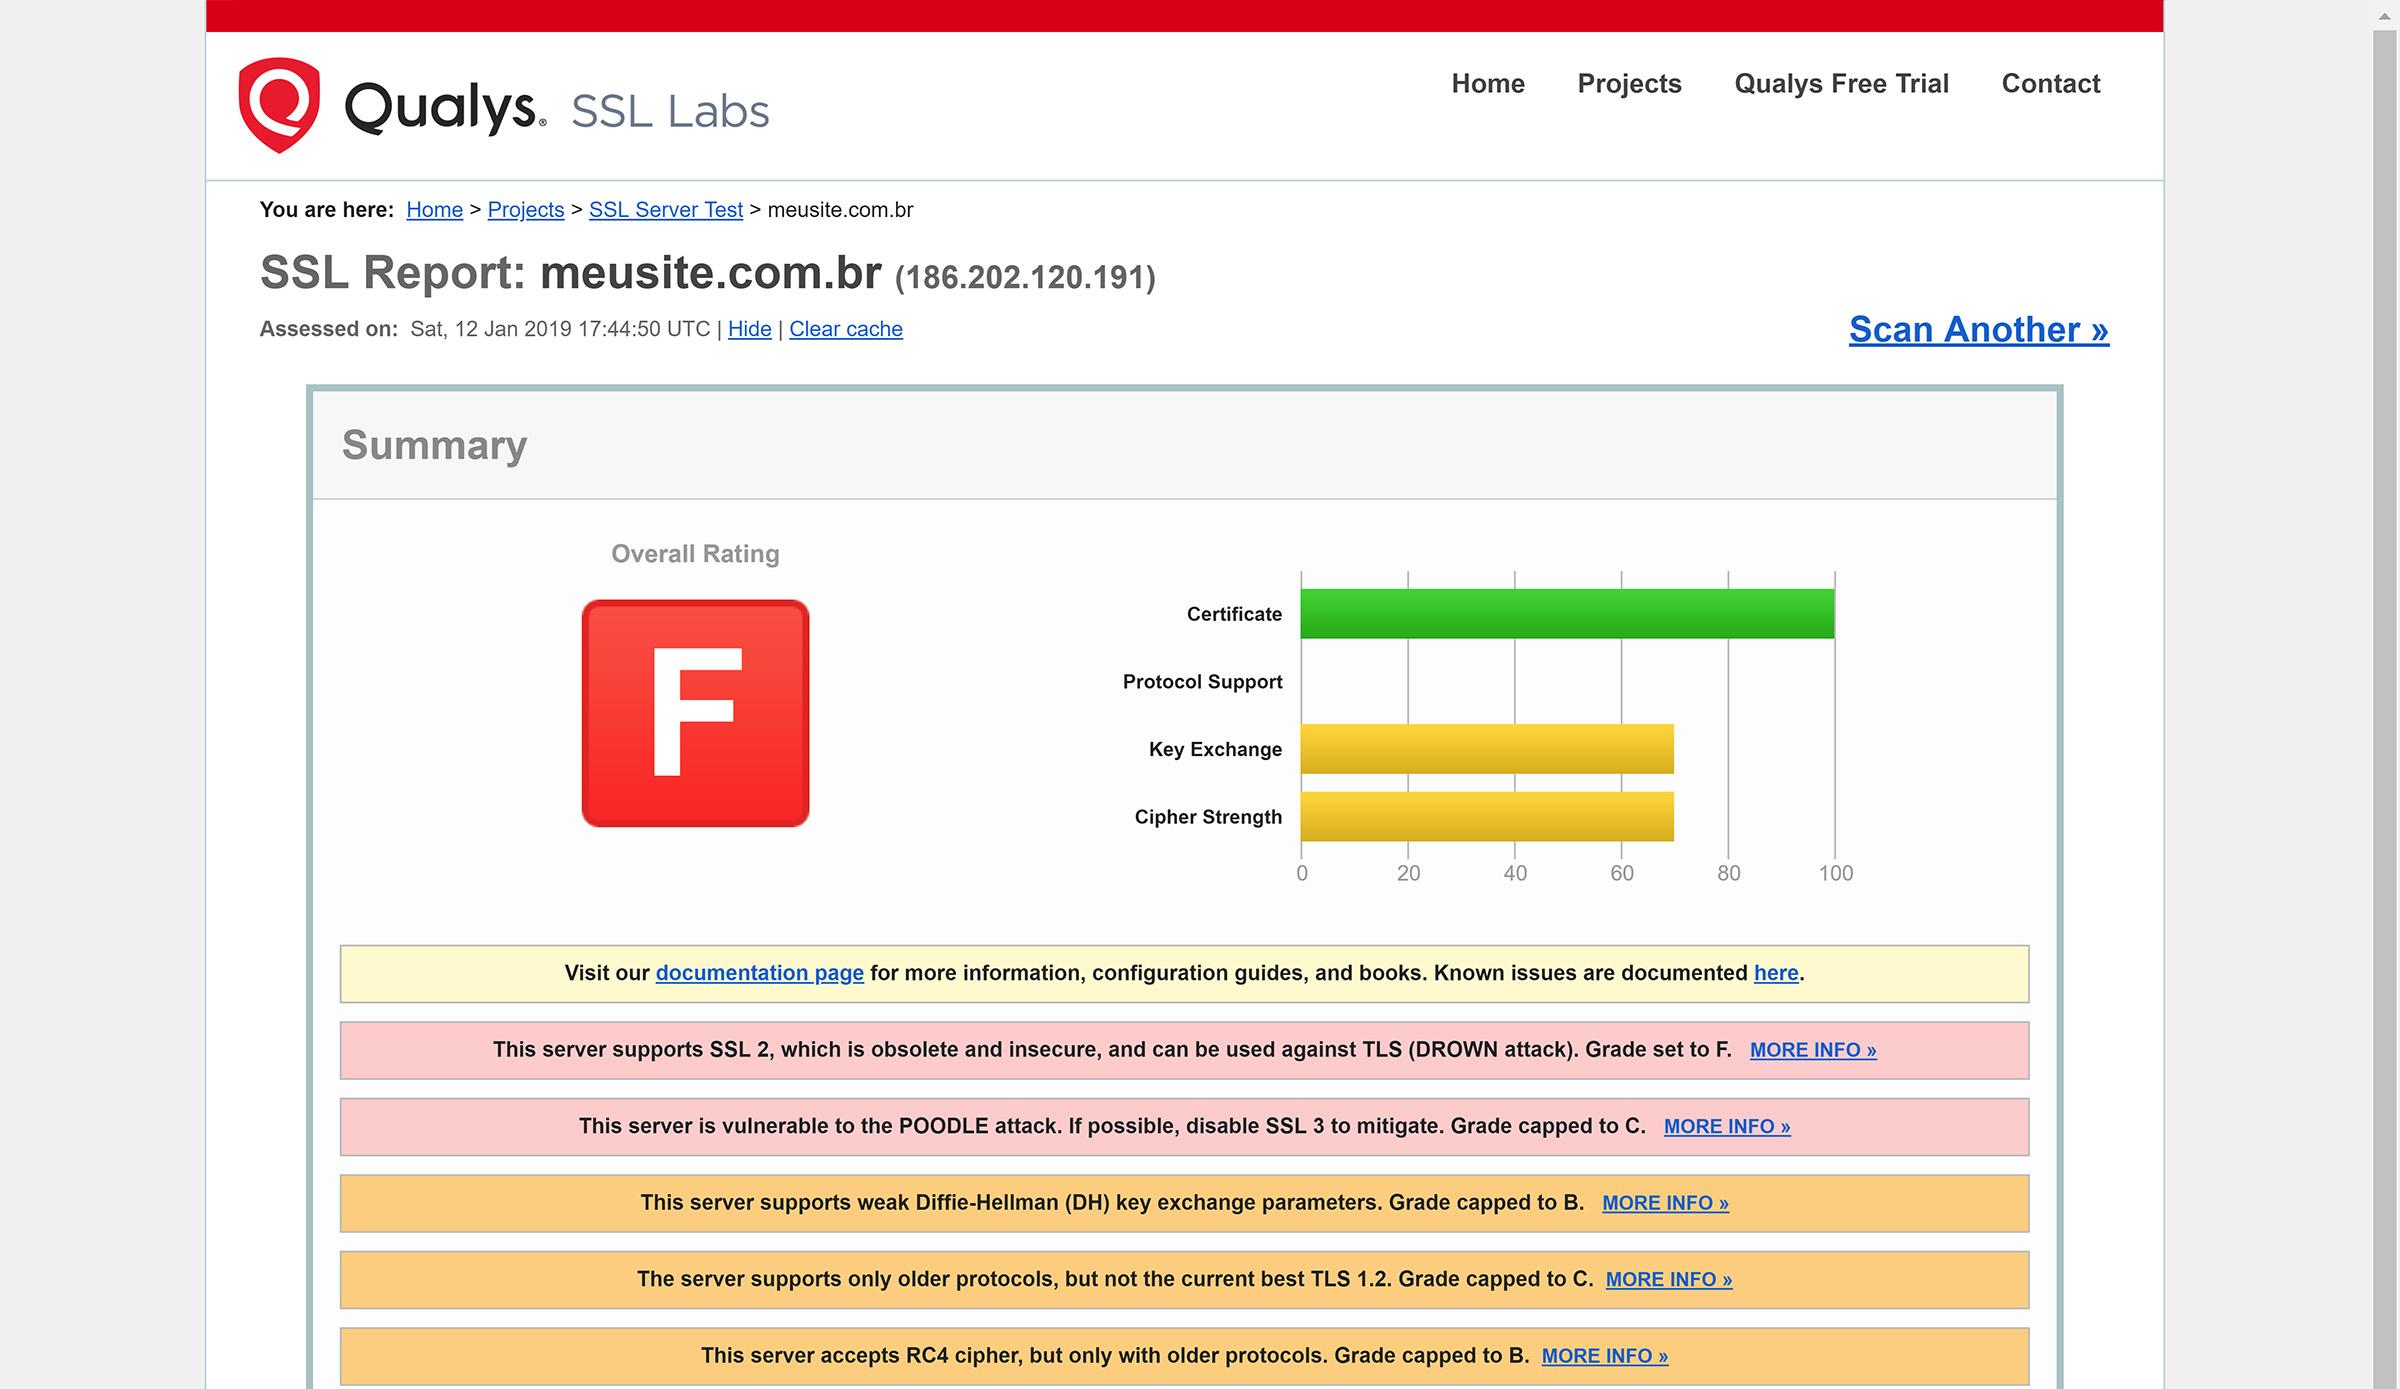 site inseguro com https e certificado válido